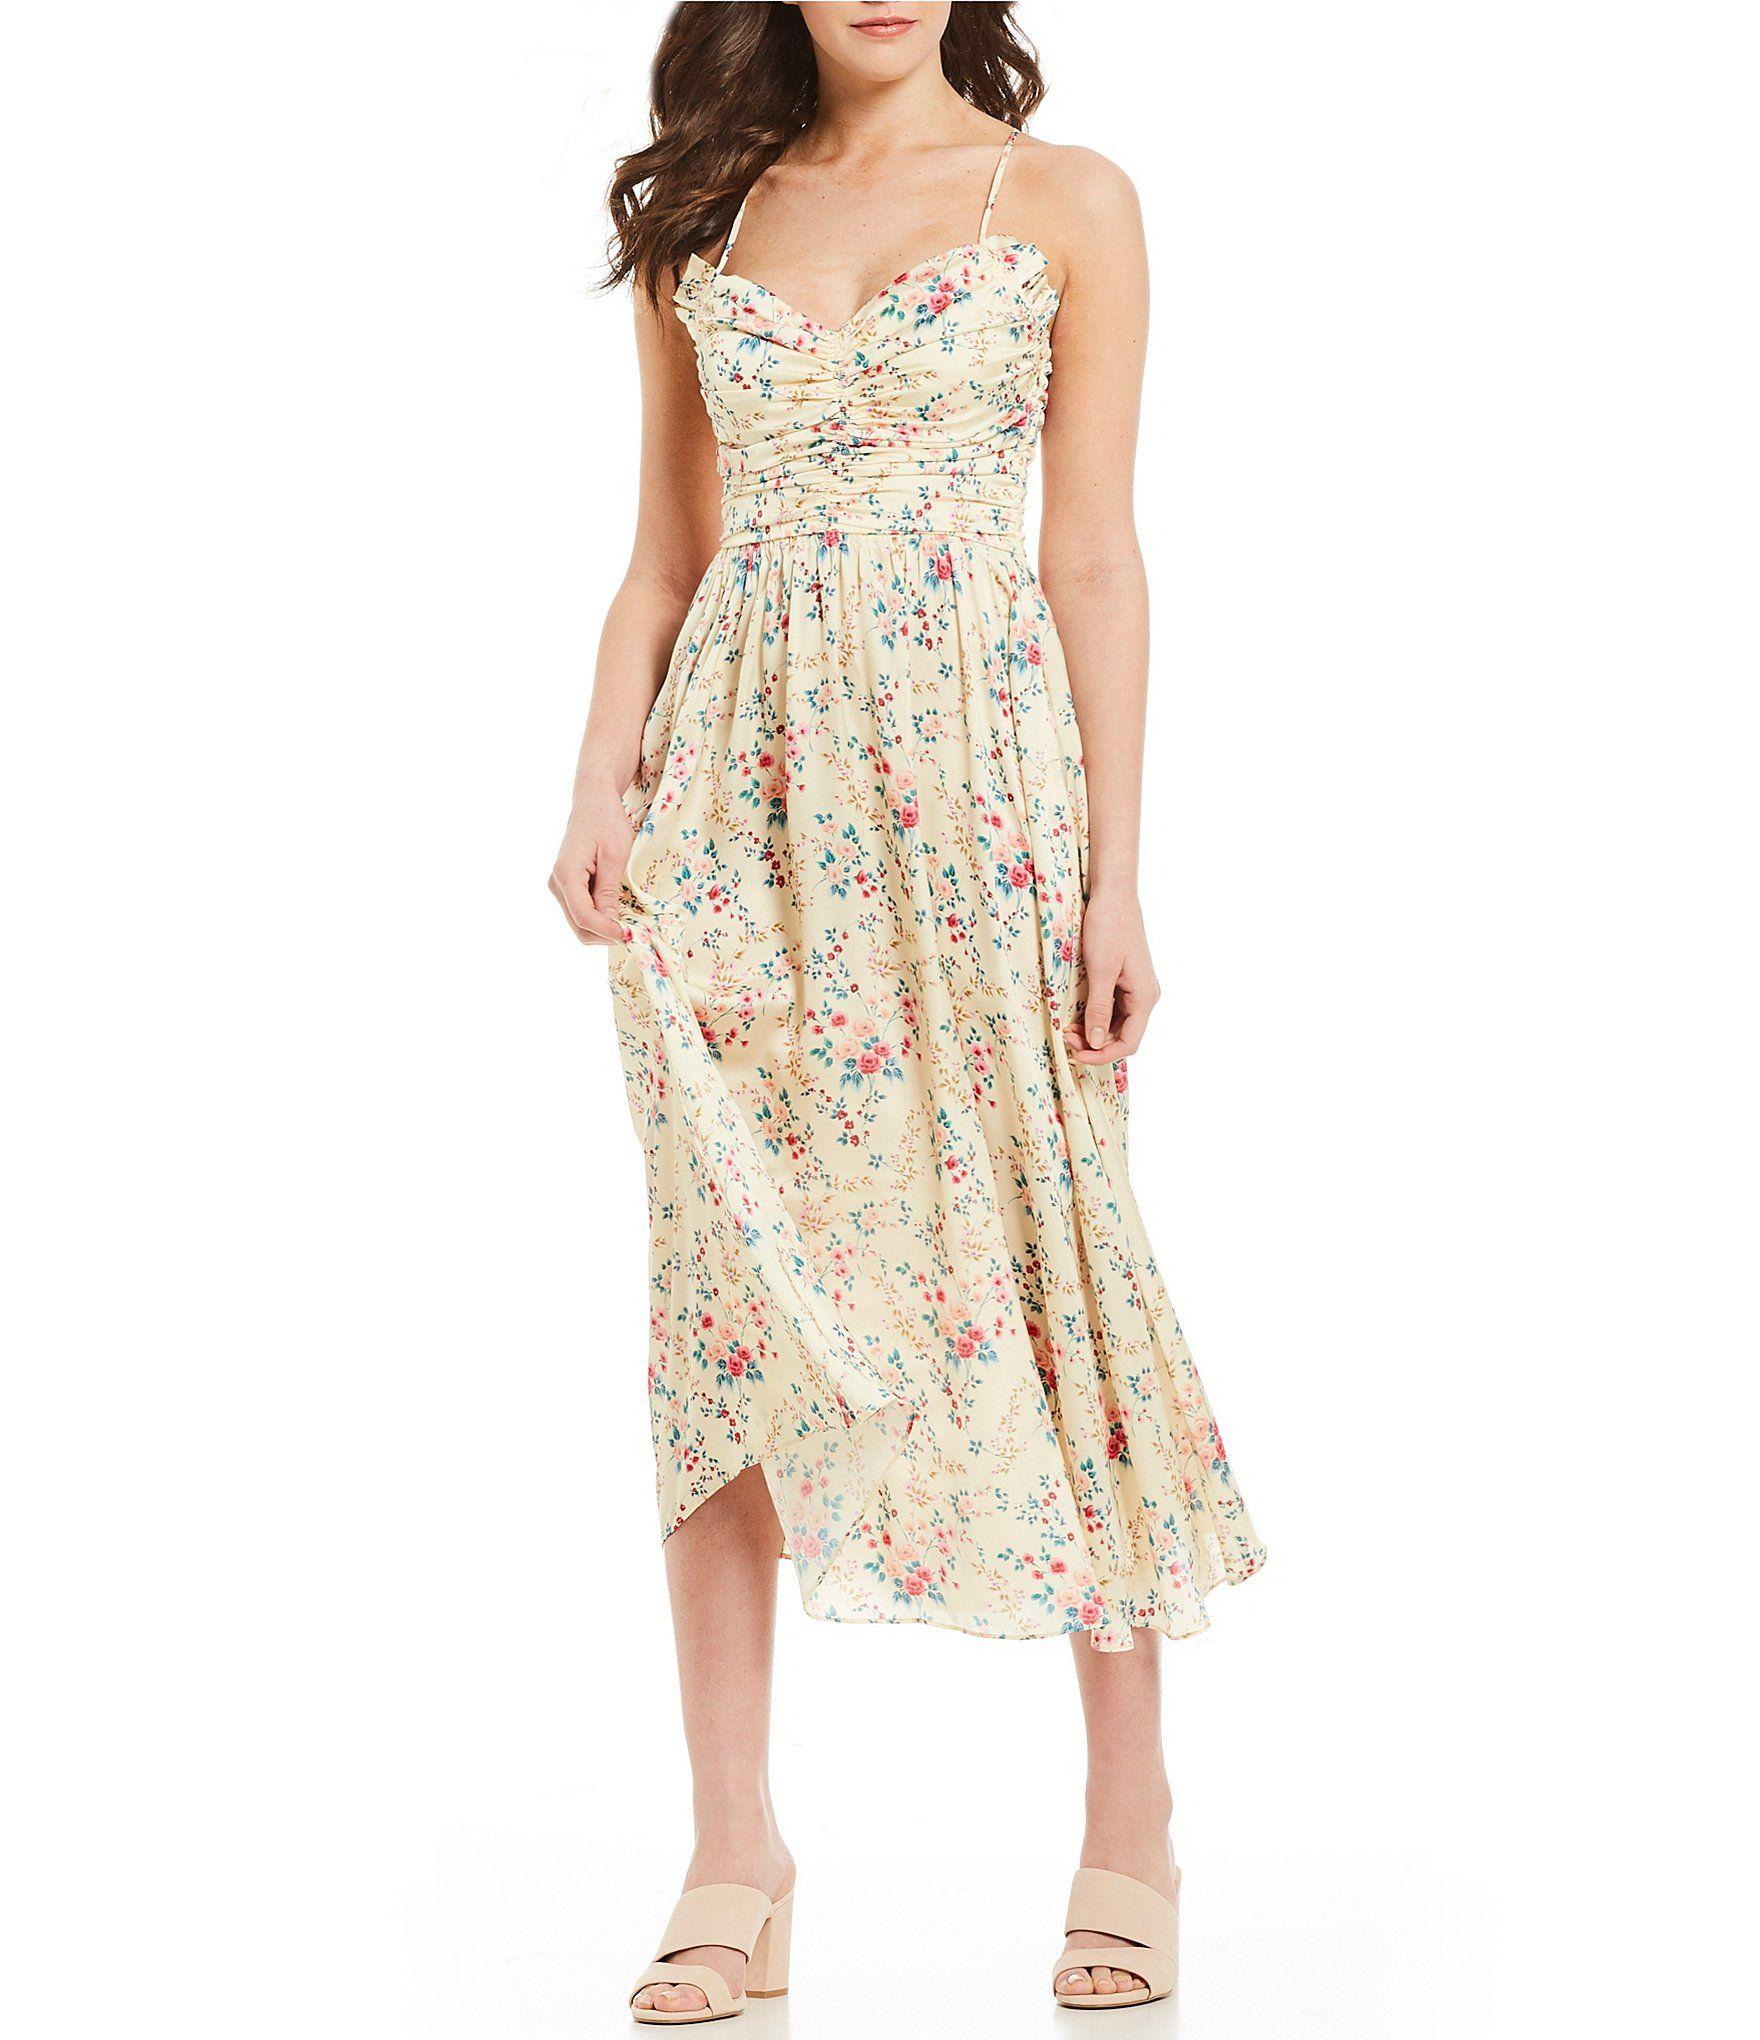 Jill Jill Stuart Ruched Floral Print Midi Dress Dillards Dresses Floral Print Midi Dress Printed Midi Dress [ 2040 x 1760 Pixel ]